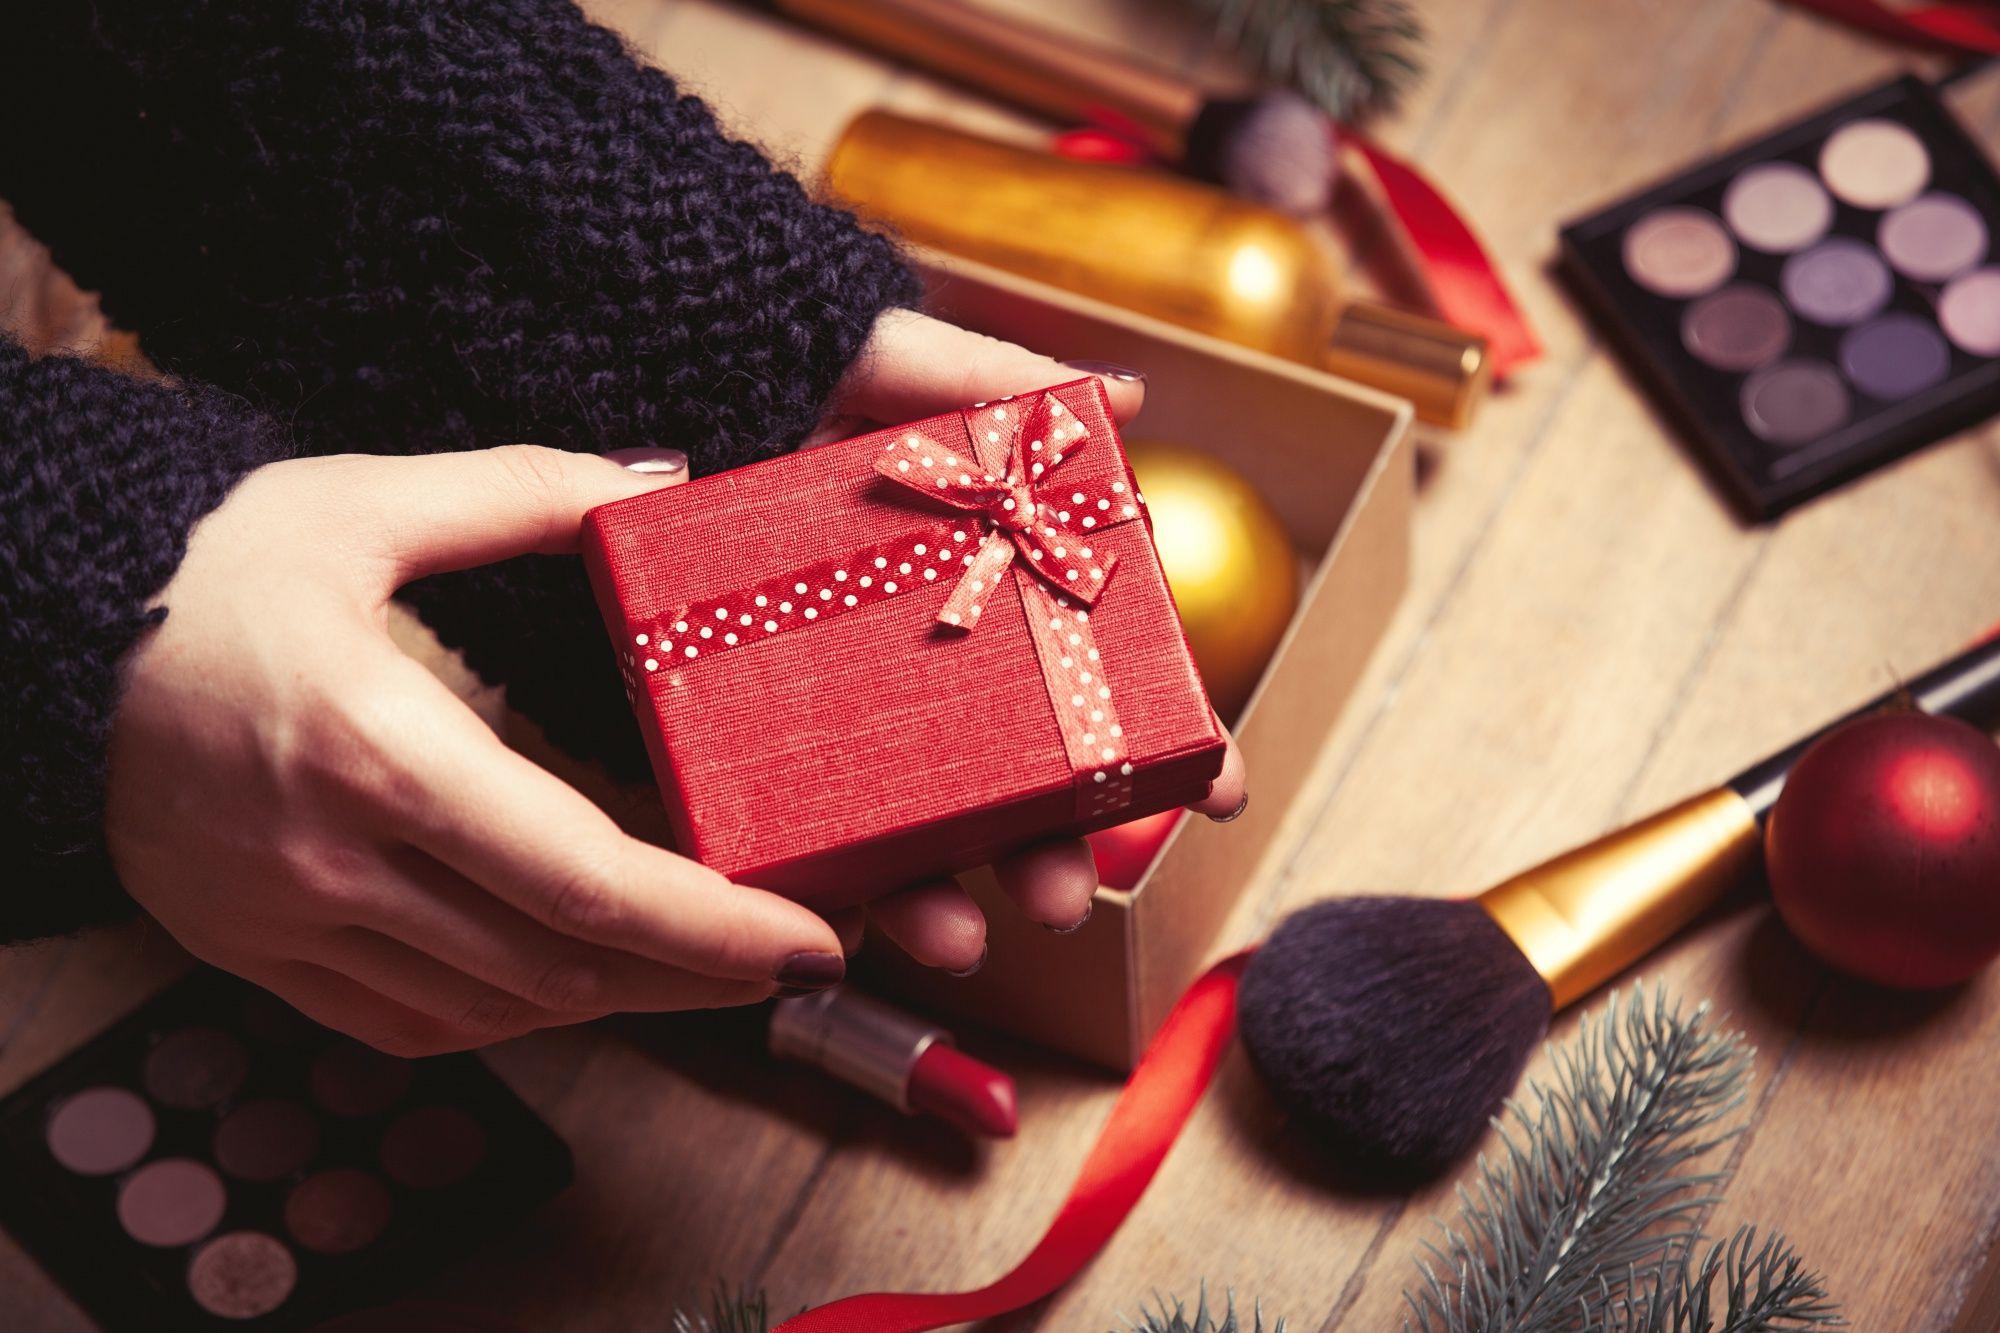 Voňavé vánoční dárky dostupné všem